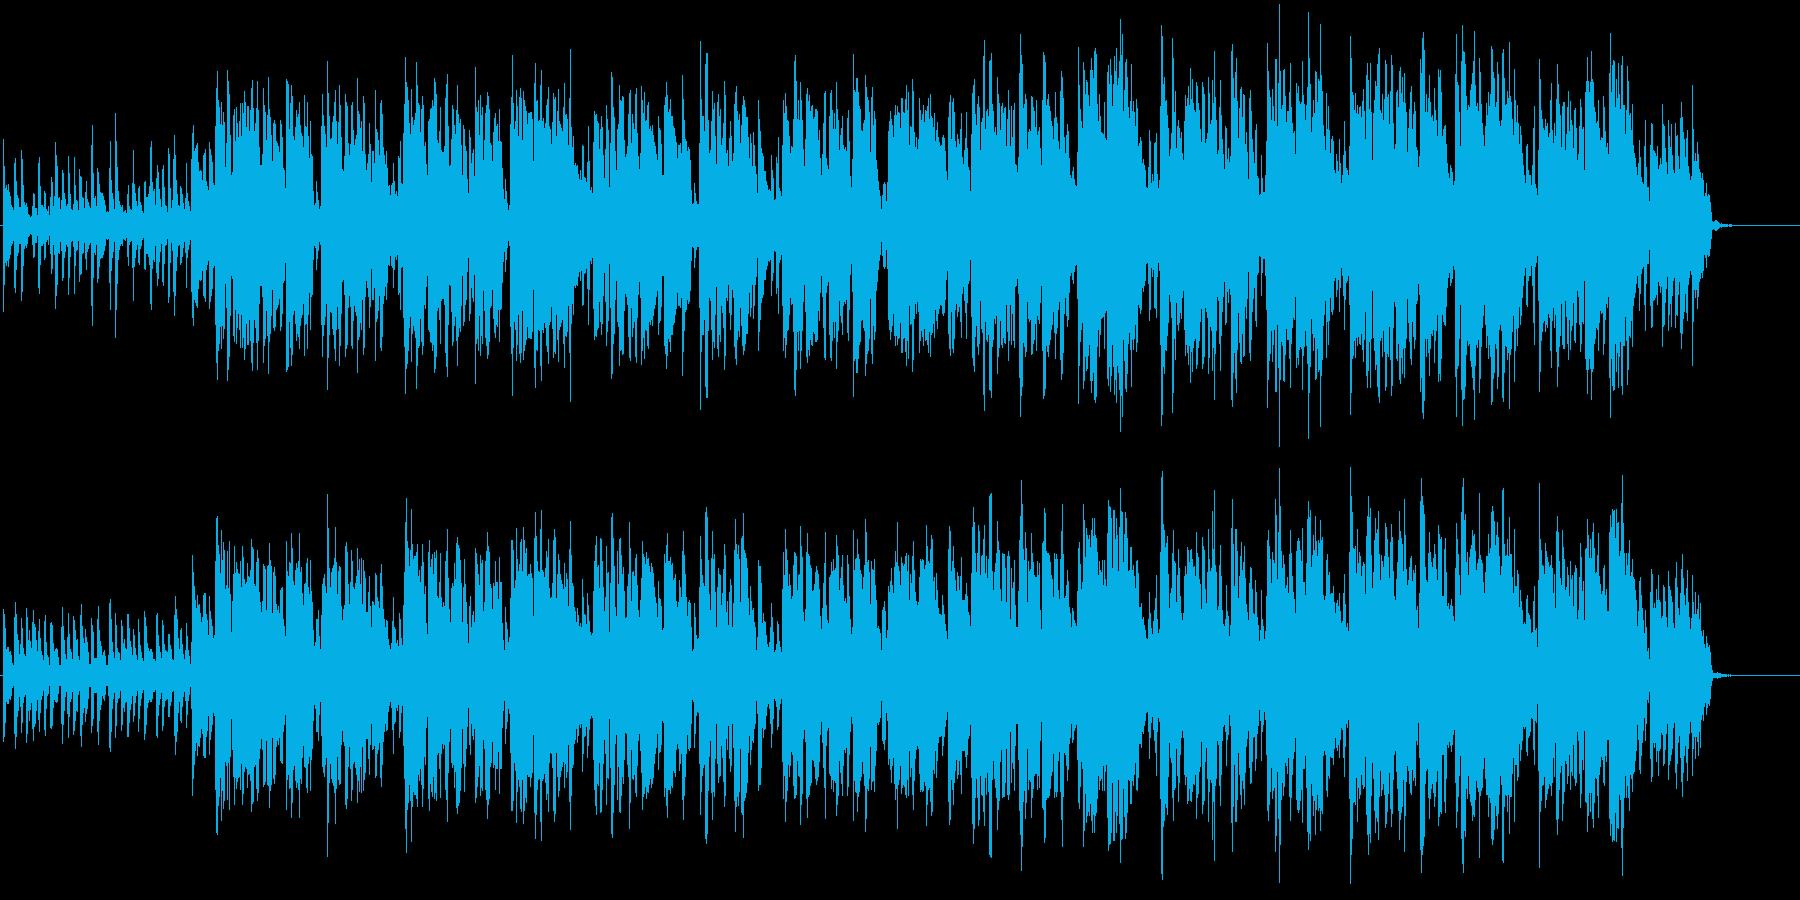 明るい楽しい音楽、かわいい映像にも。の再生済みの波形